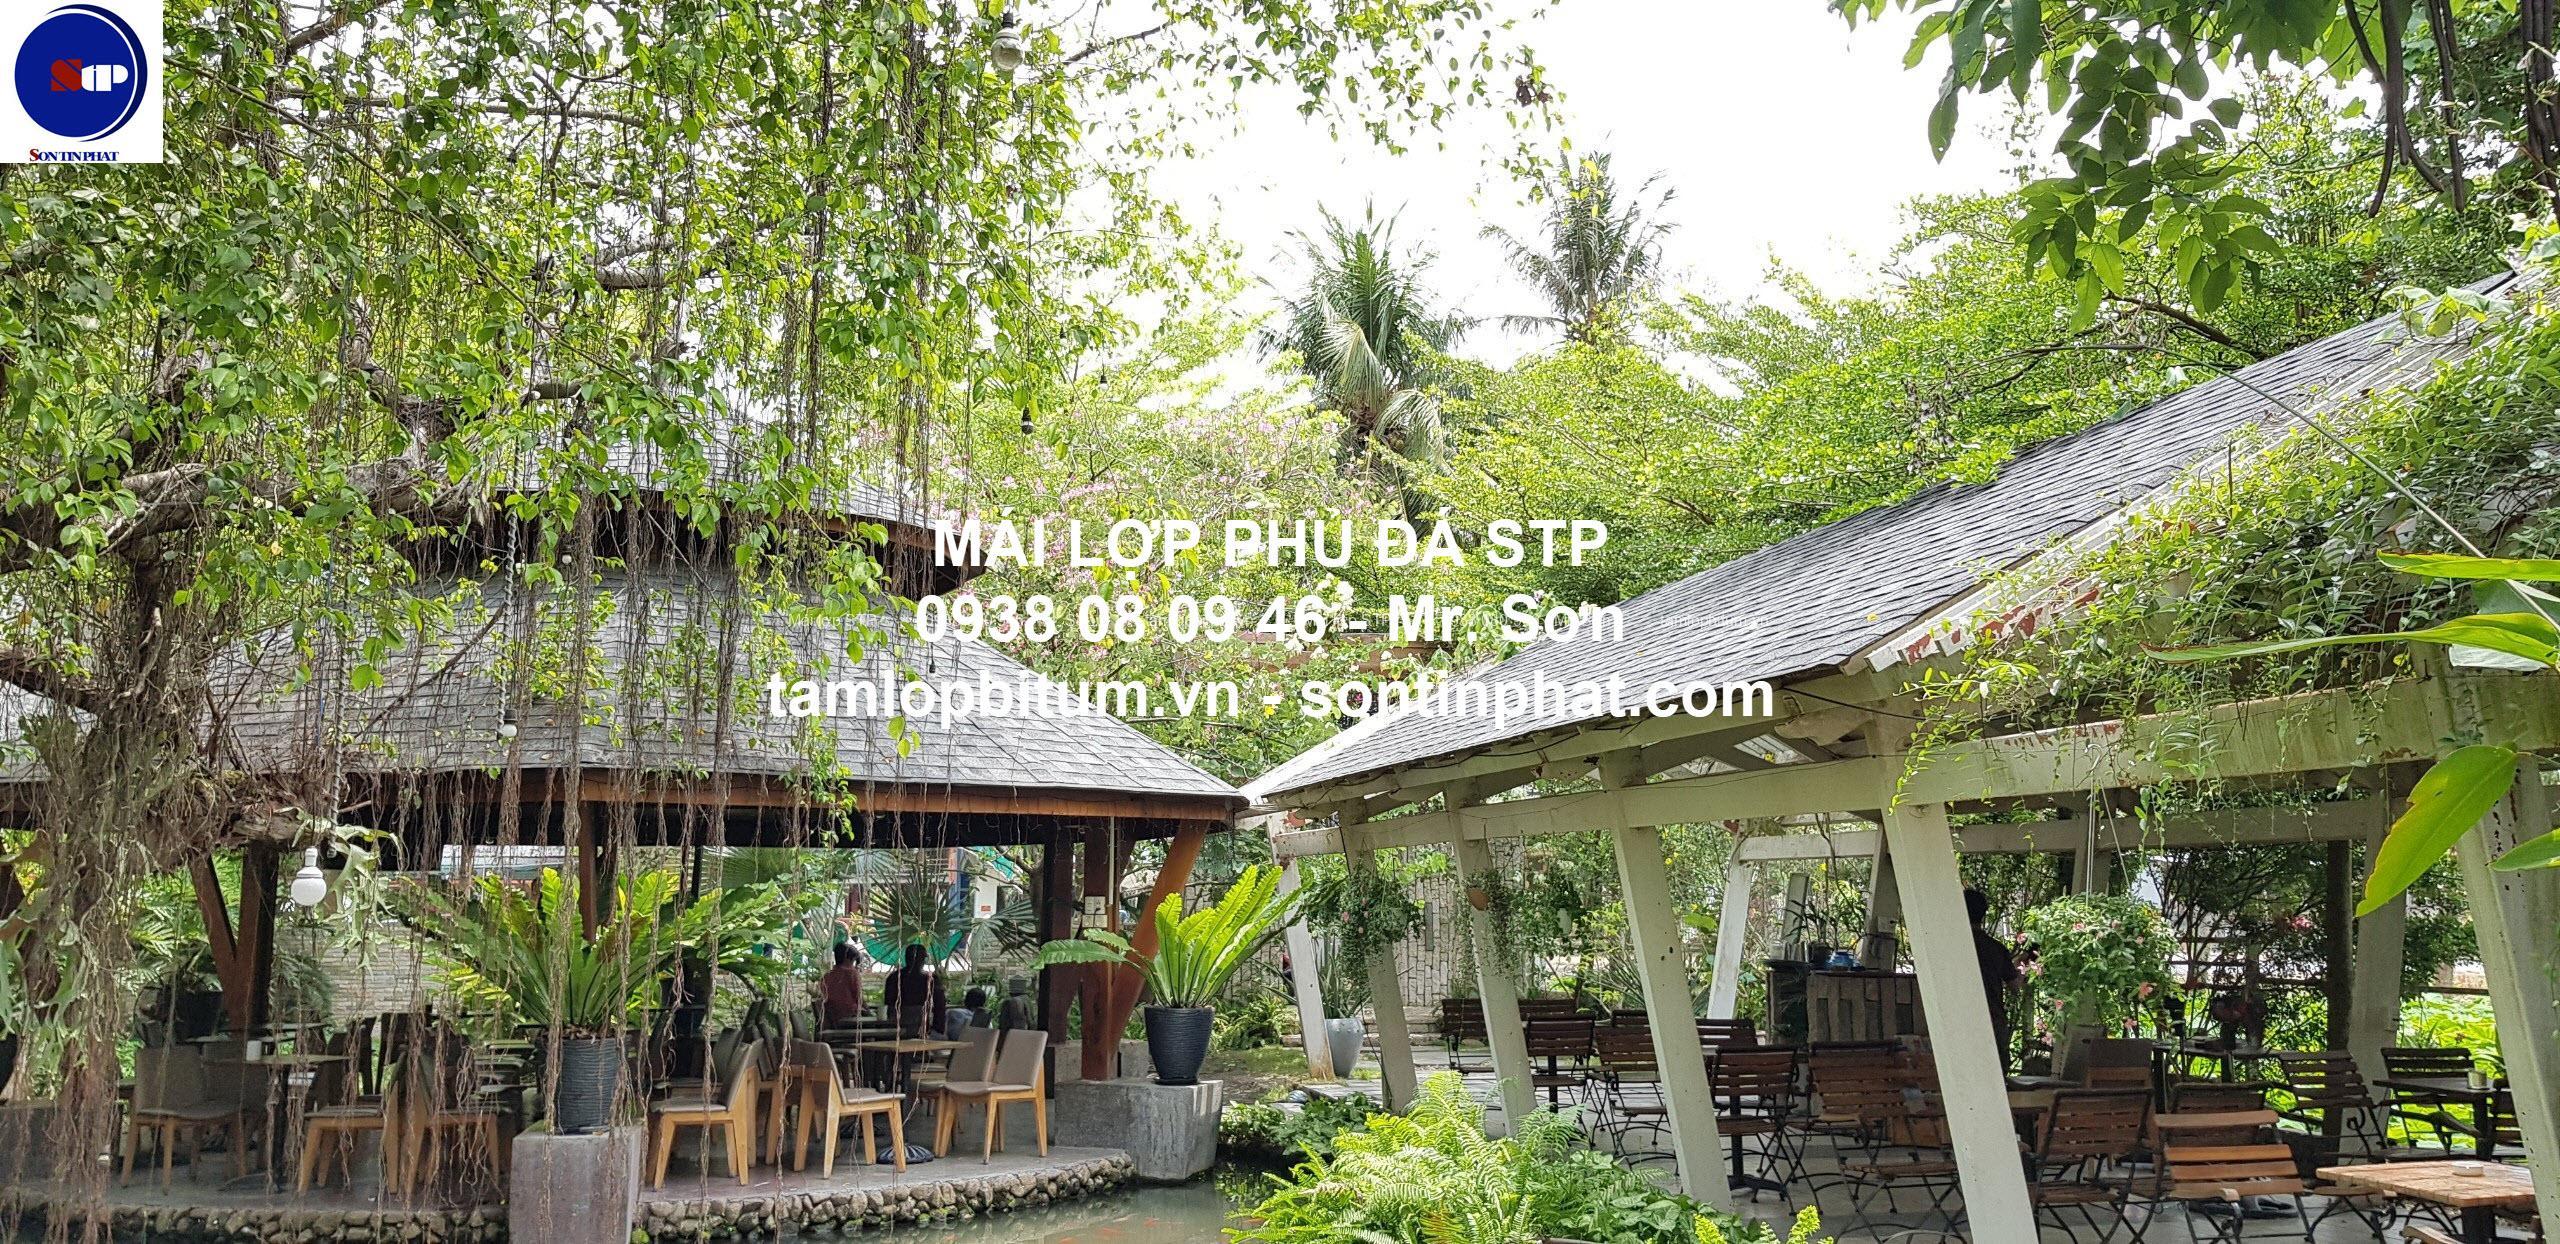 Mái lợp quán cafe sân vườn Tây Ninh